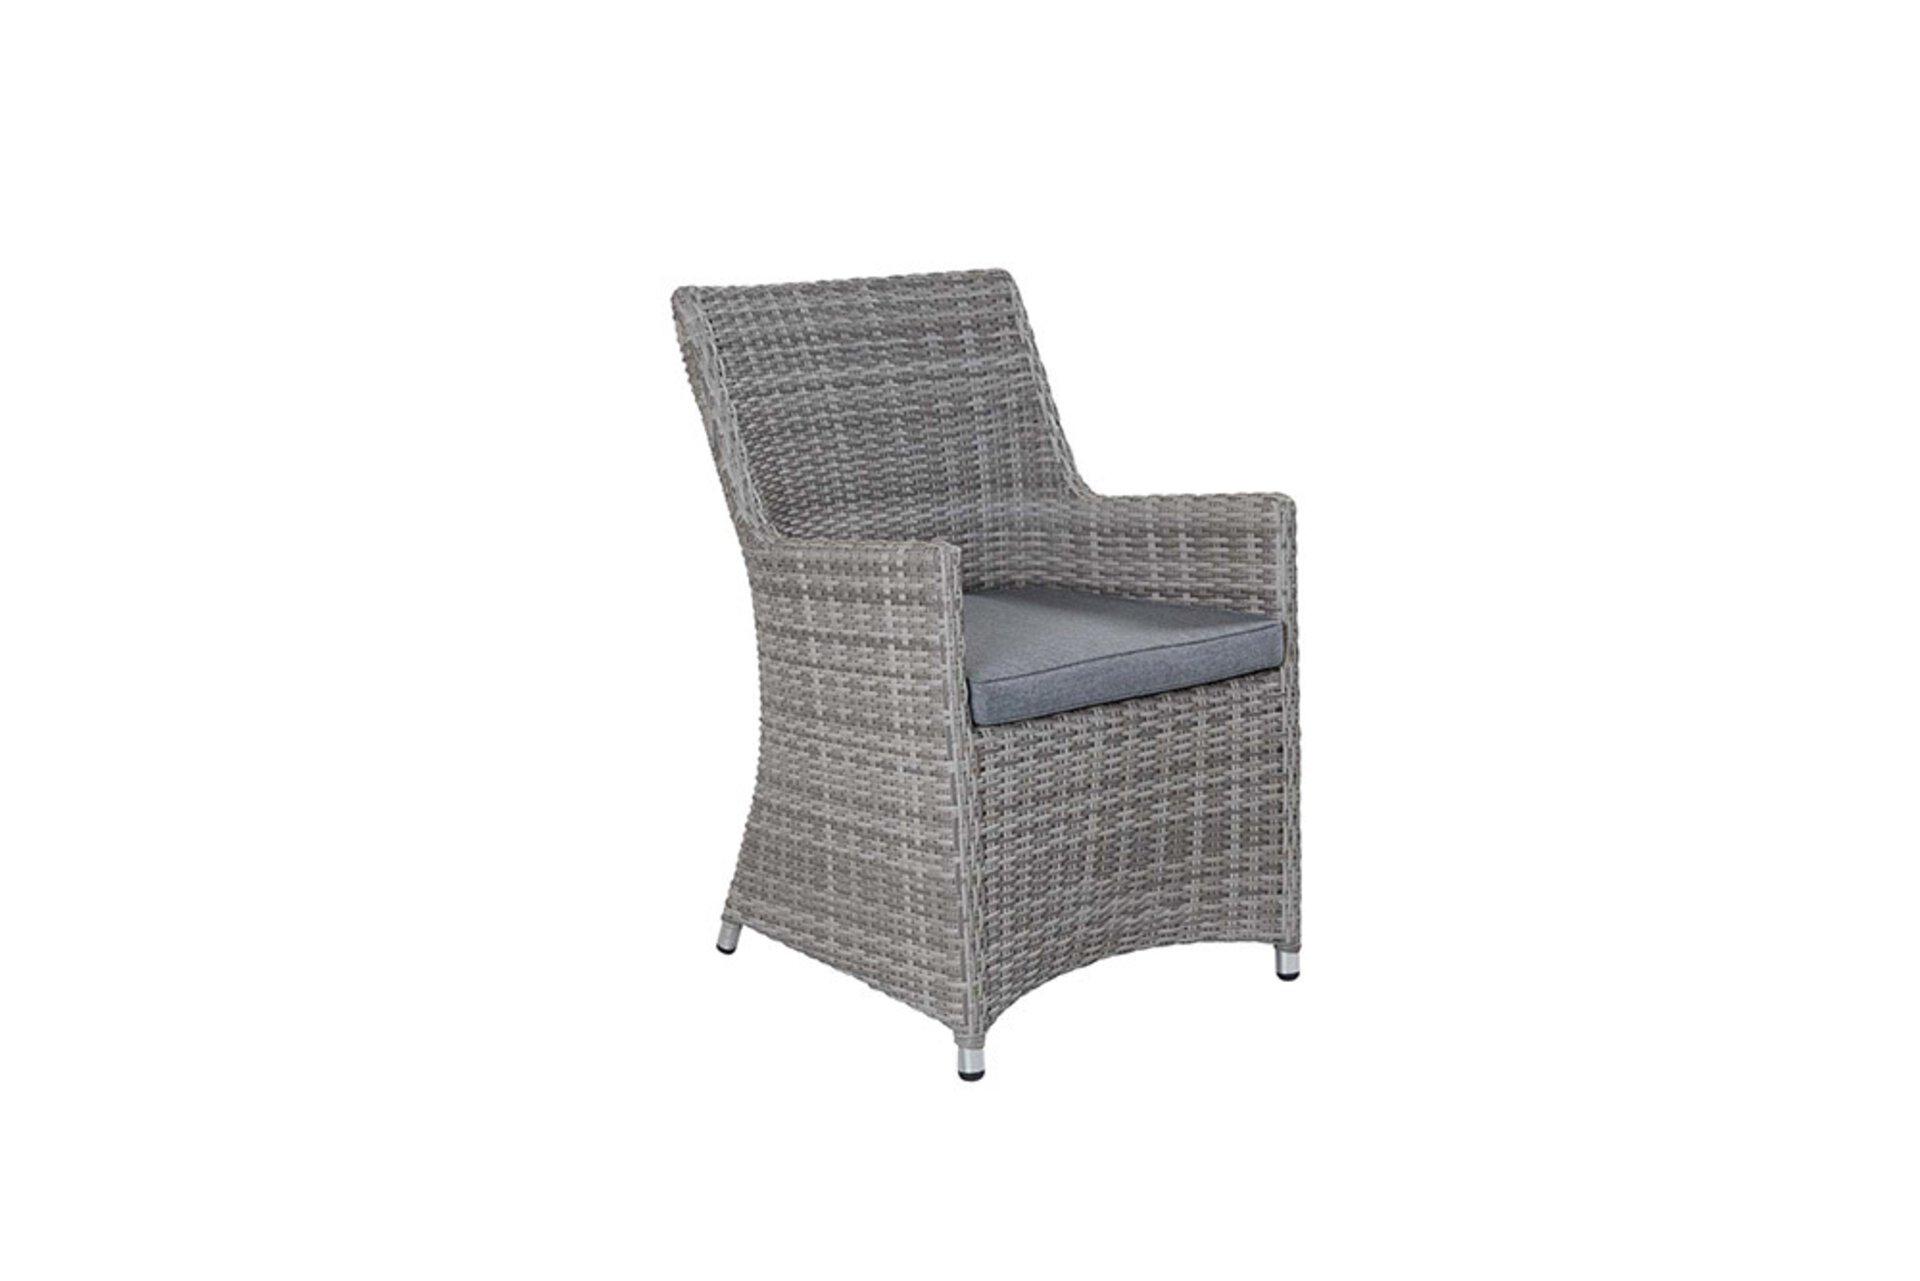 Gartenstuhl NIZZA LC Wholesaler Textil weiß 1 x 1 x 1 cm